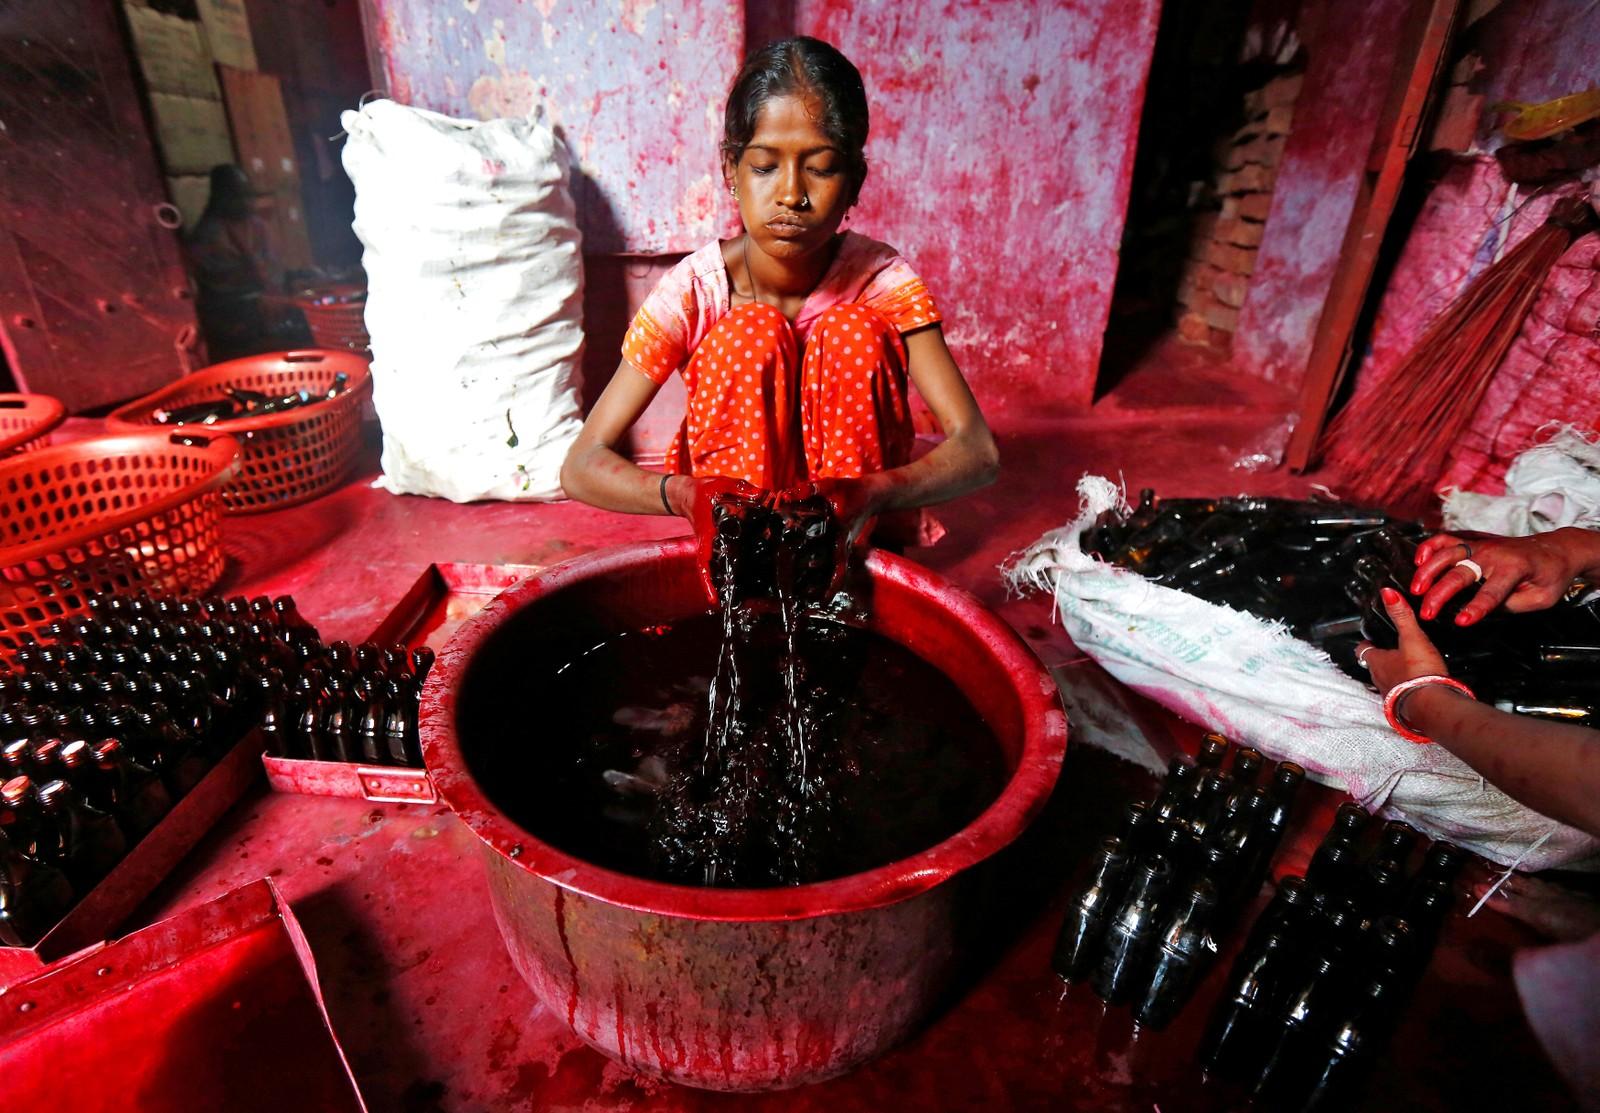 En arbeider fyller flasker med alta den 2. august i Kolkata i India. Alta er et rødt fargestoff som hindukvinner smører på føttene under bryllup og religiøse tilstelninger.